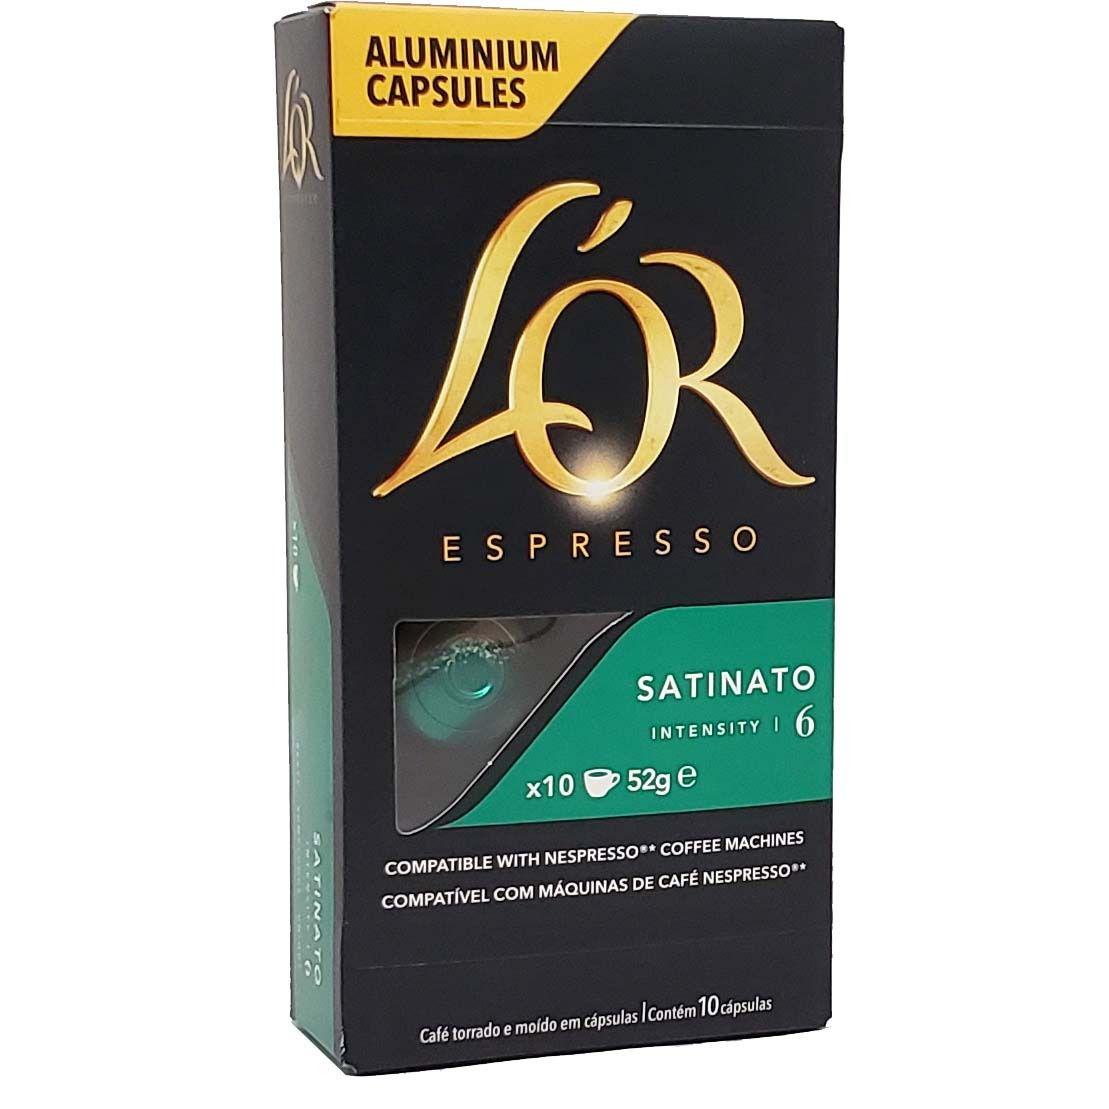 Café em Capsulas Satinato 6 L'OR Espresso - 10 x 52g -